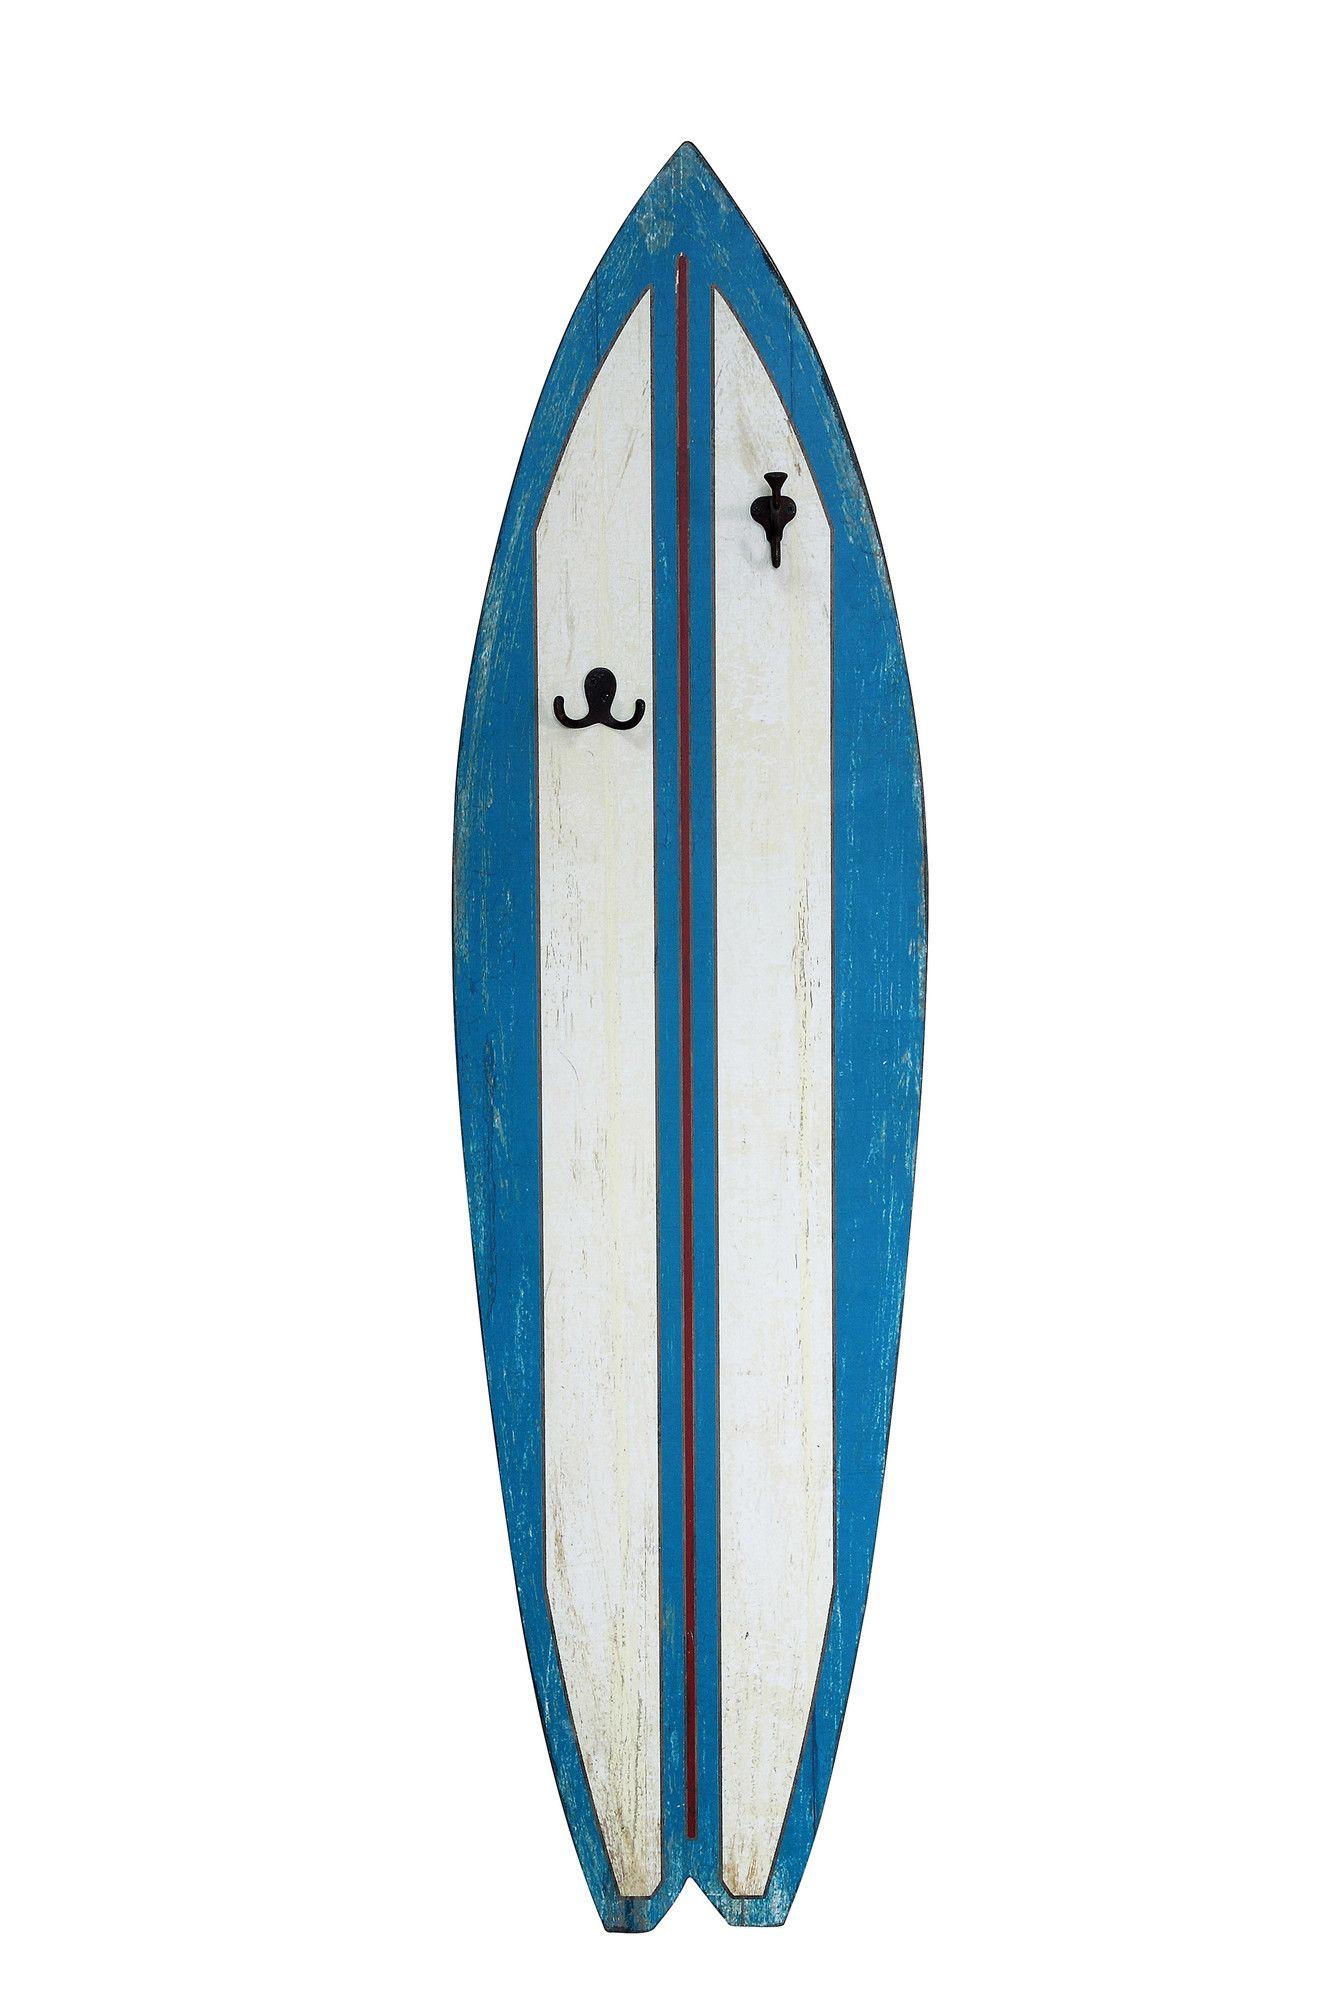 Surf Board Wall Decor | boys bathroom | Pinterest | Surf board, Wall ...